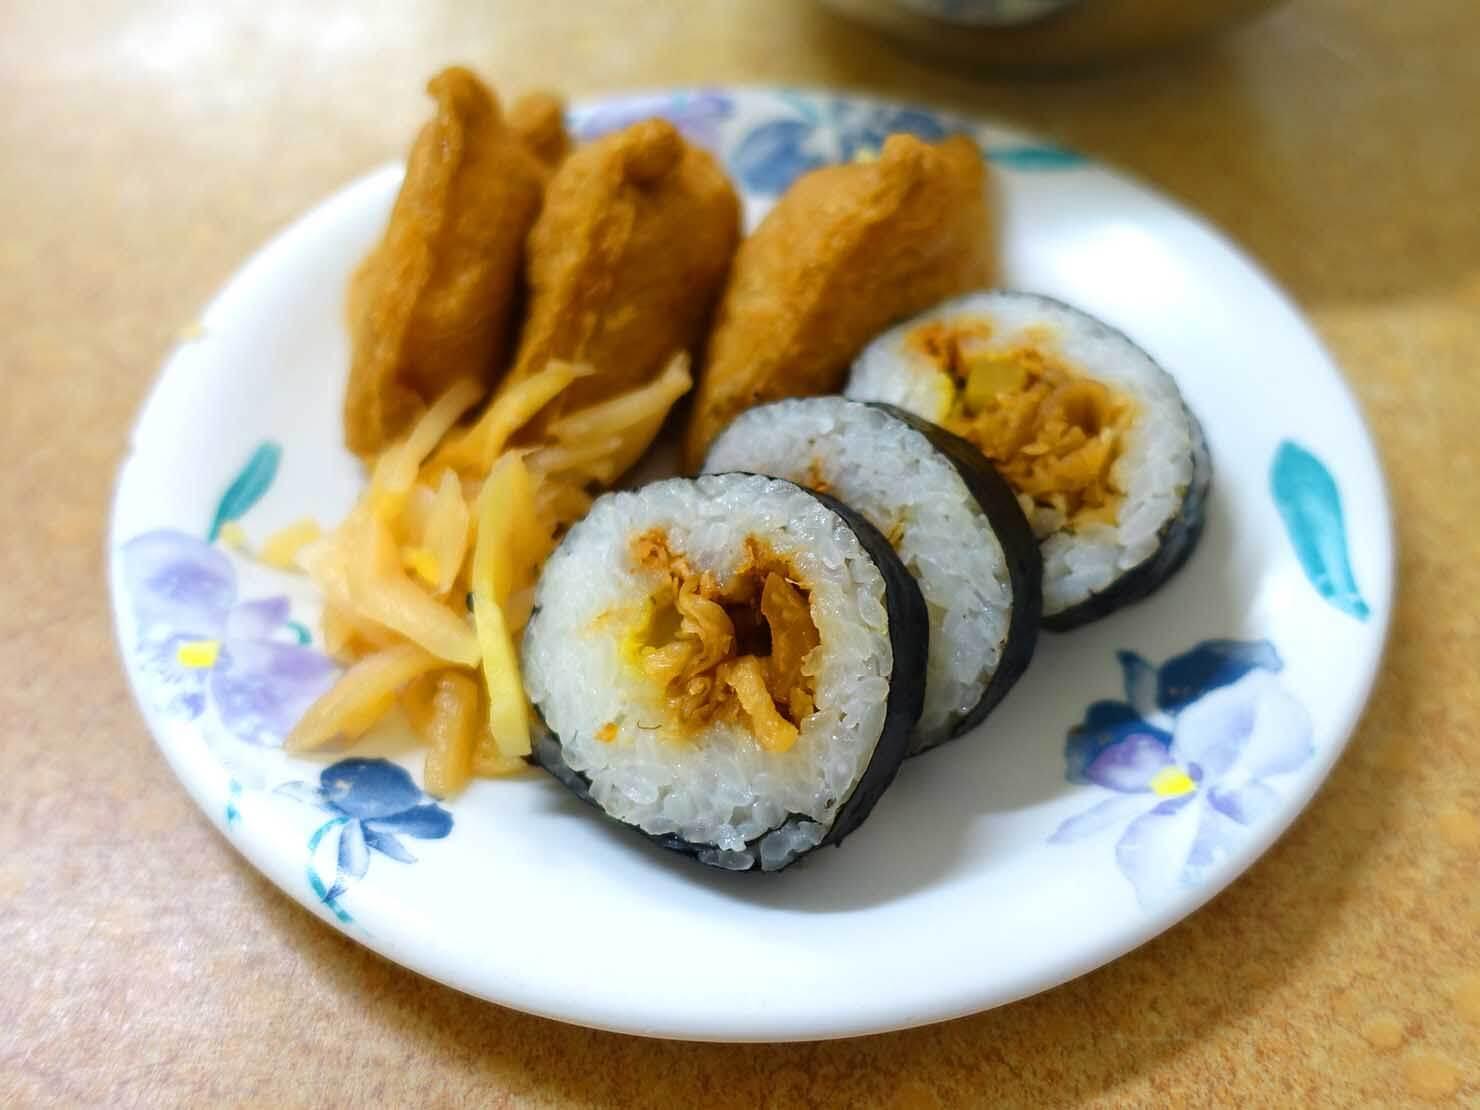 台北・寧夏夜市のおすすめグルメ店「阿川蚵仔麵線」の壽司